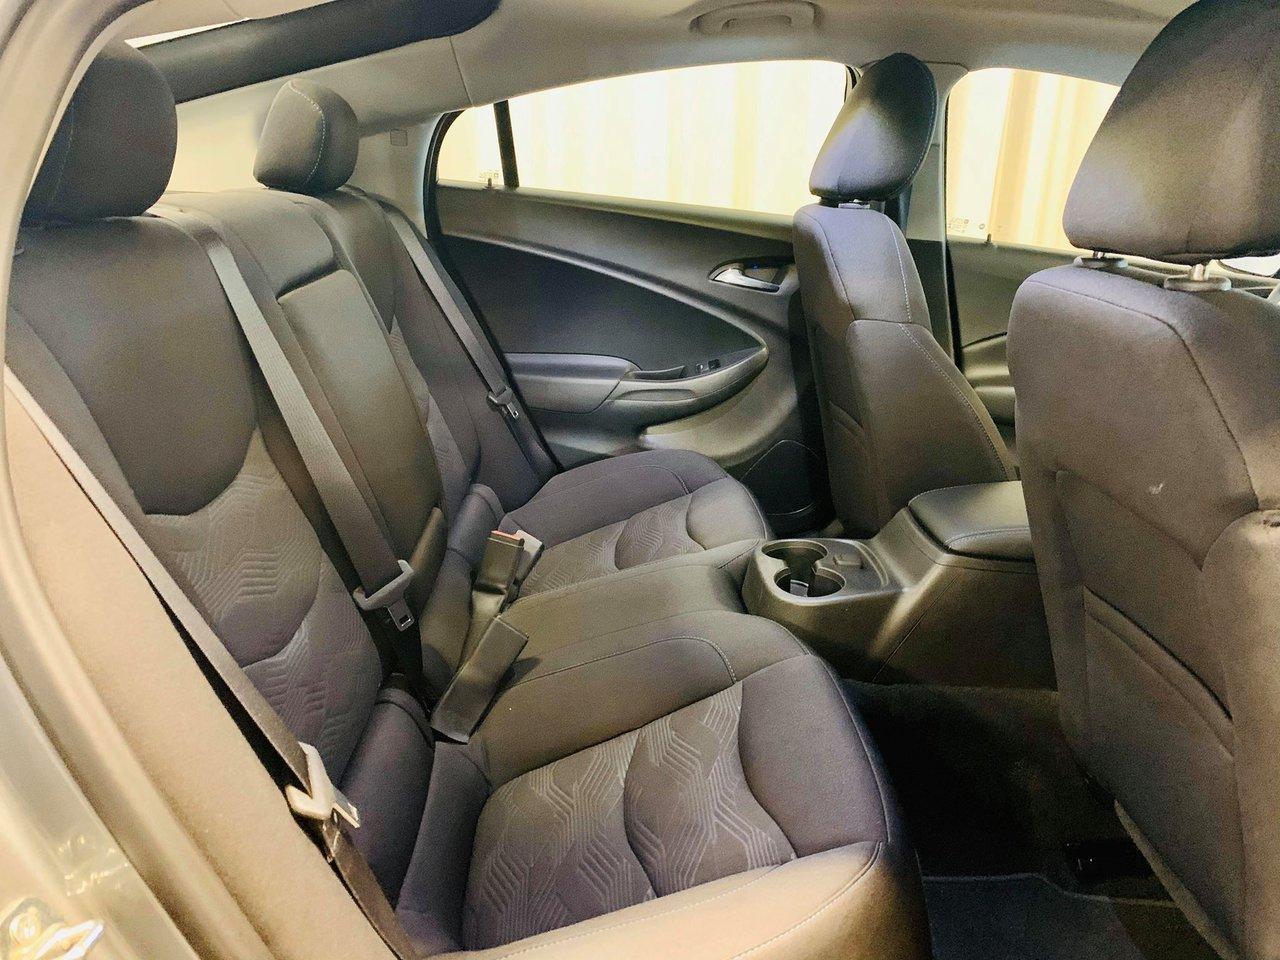 2019 Chevrolet Volt Electric 5dr HB LT / JAMAIS ACCIDENTEE